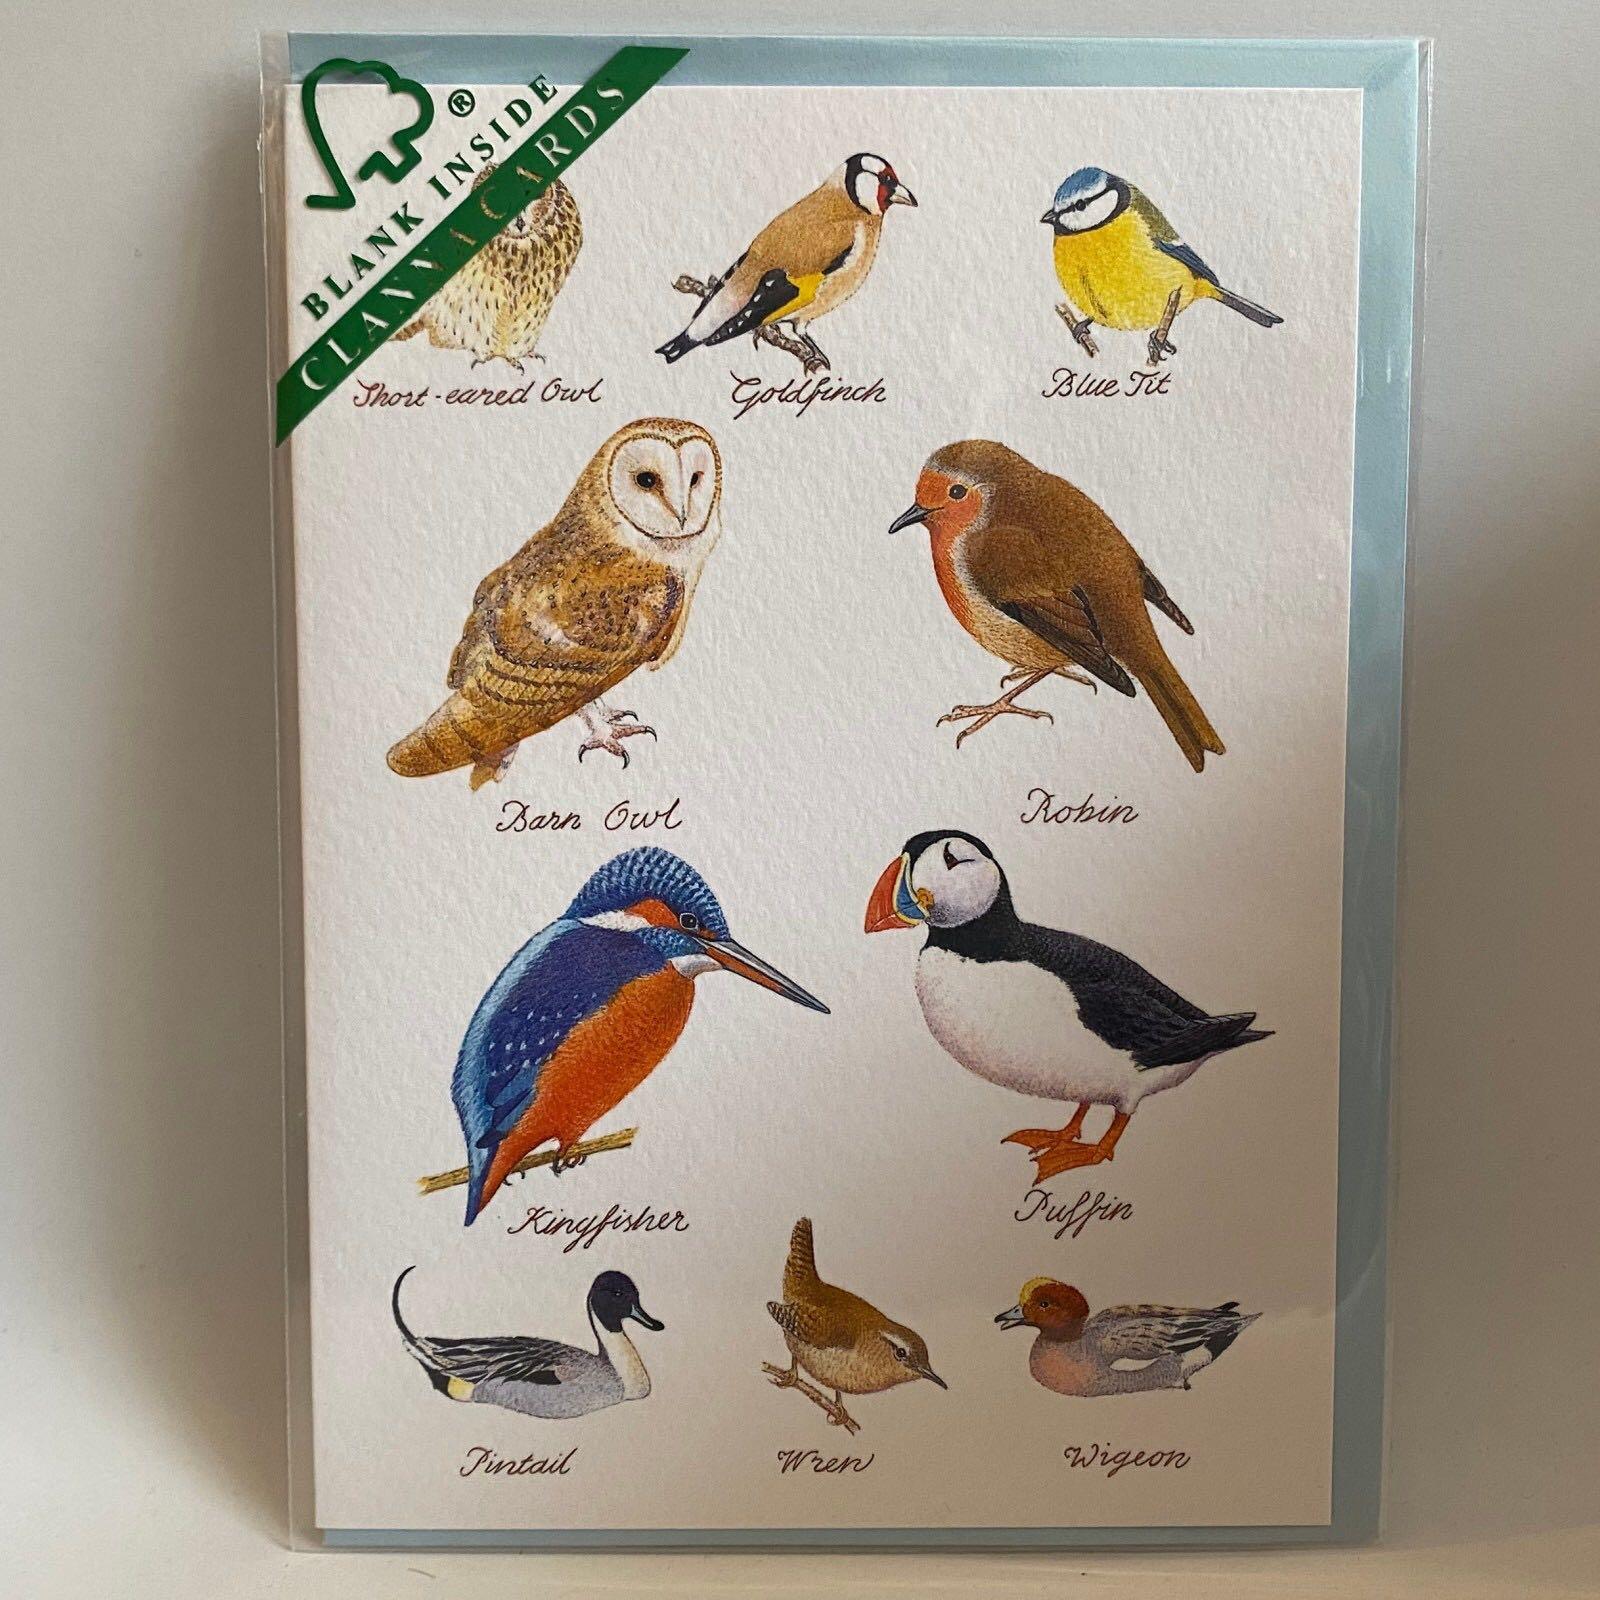 'British Birds' Clanna Card